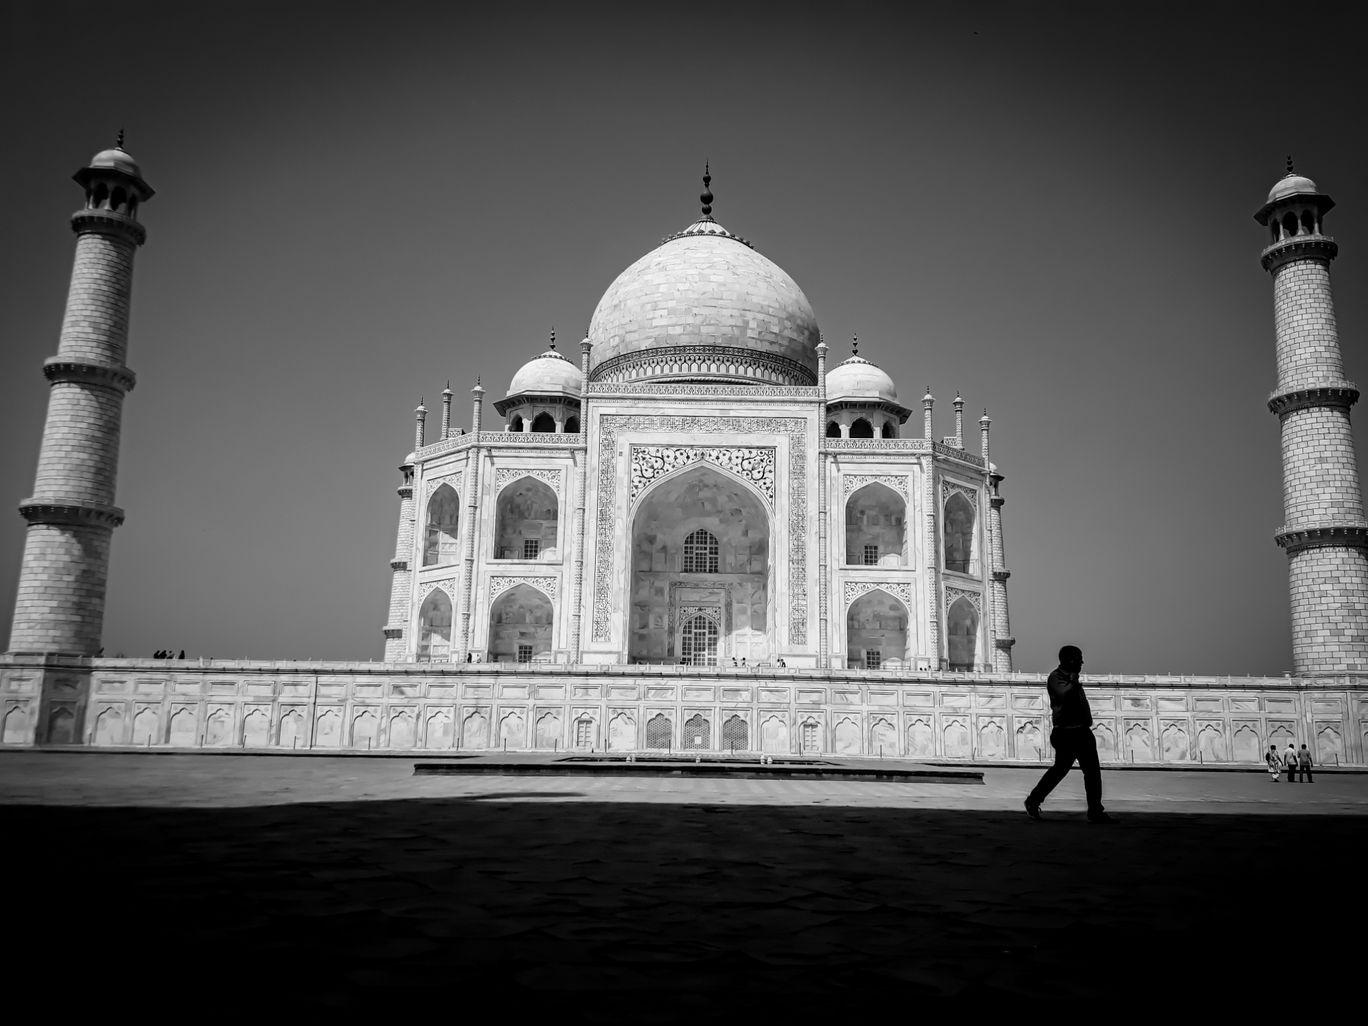 Photo of Taj Mahal By Harshit Jaiswal